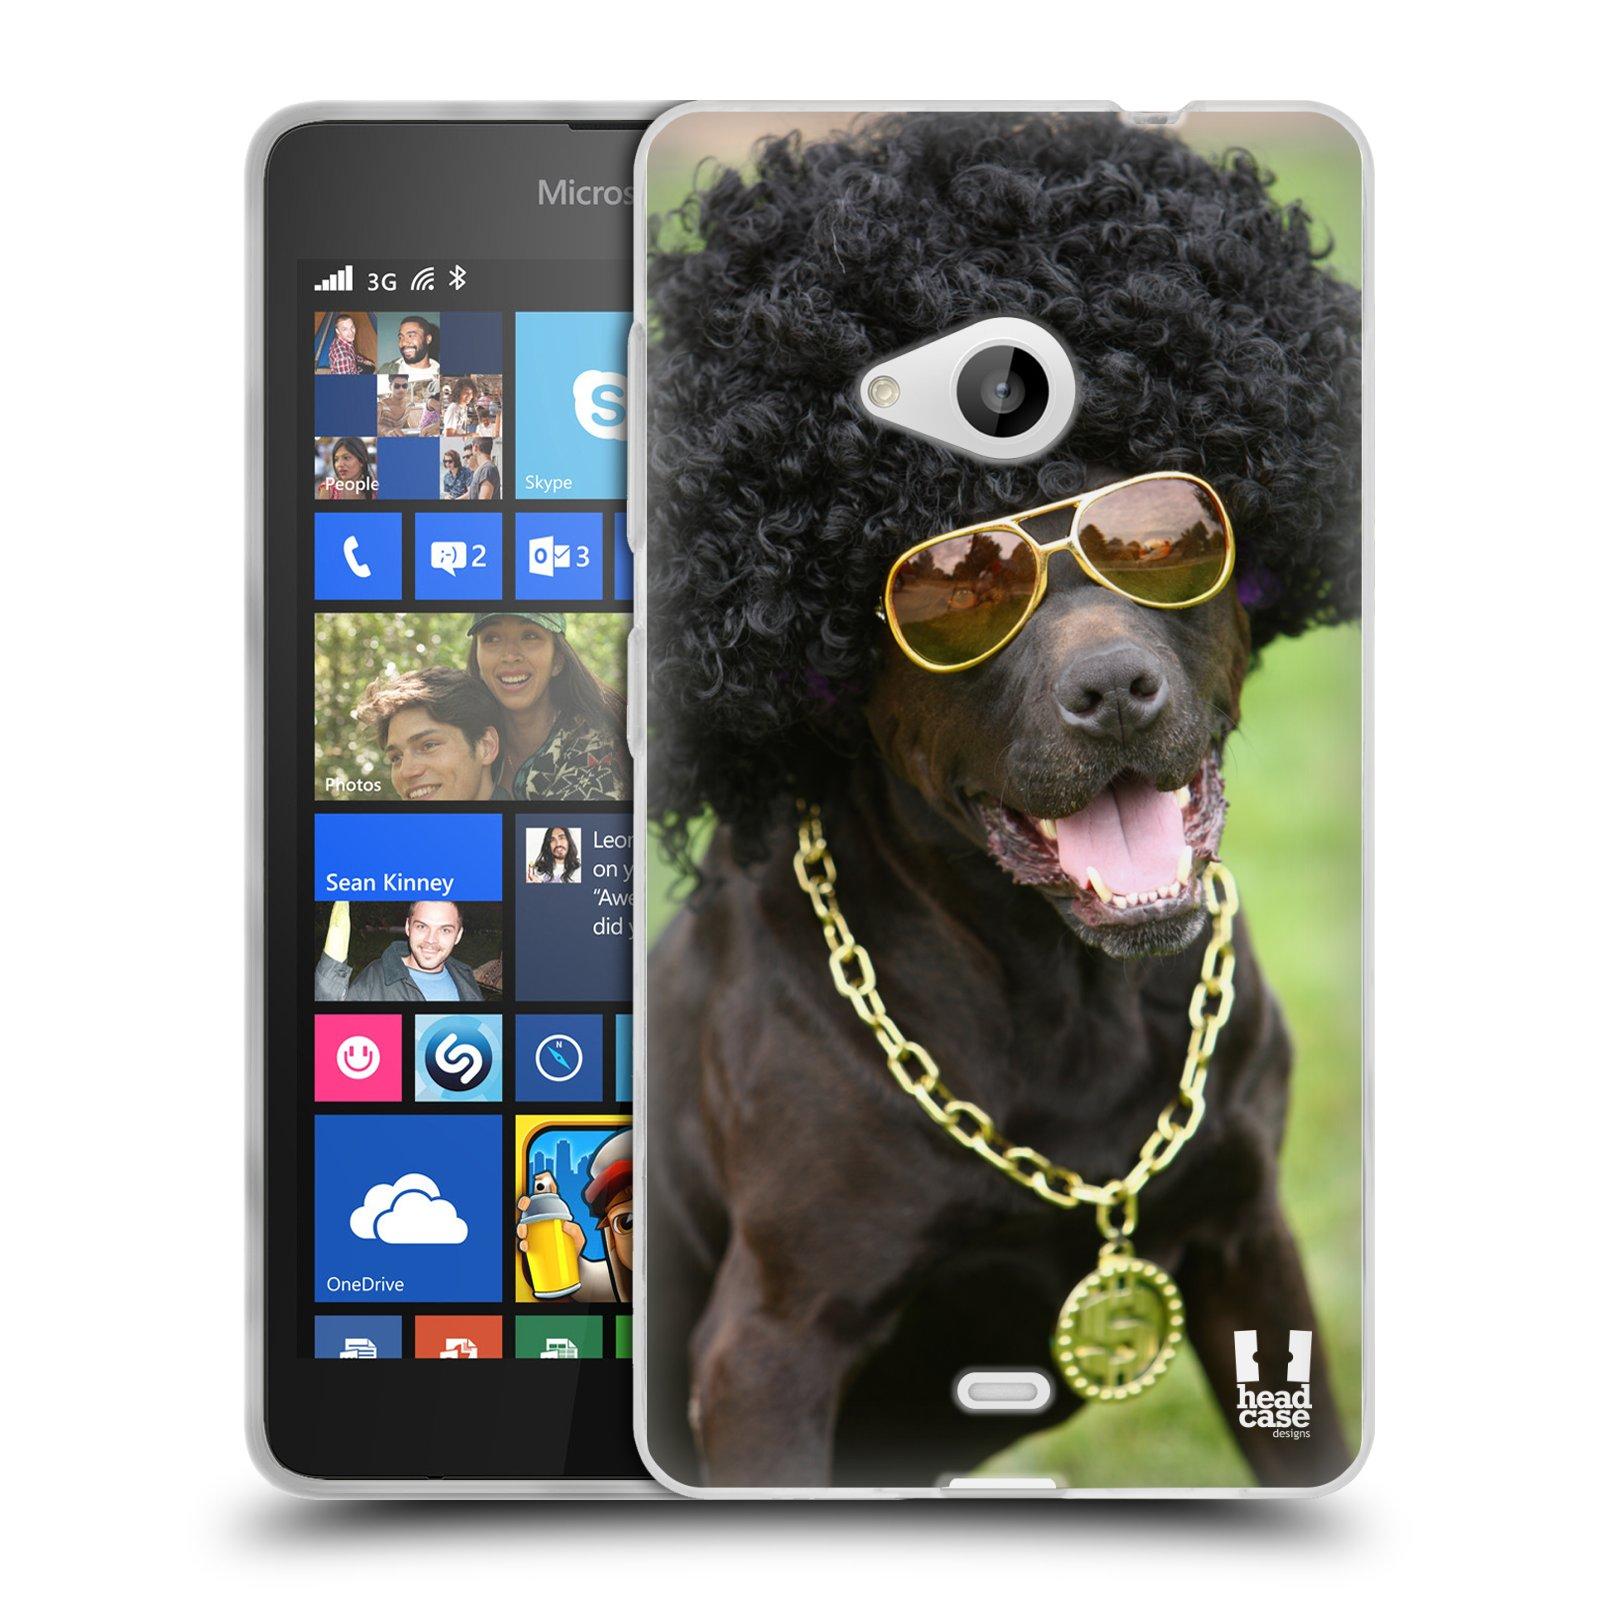 HEAD CASE silikonový obal na mobil Microsoft Lumia 535 / Lumia 535 DUAL vzor Legrační zvířátka pejsek boháč